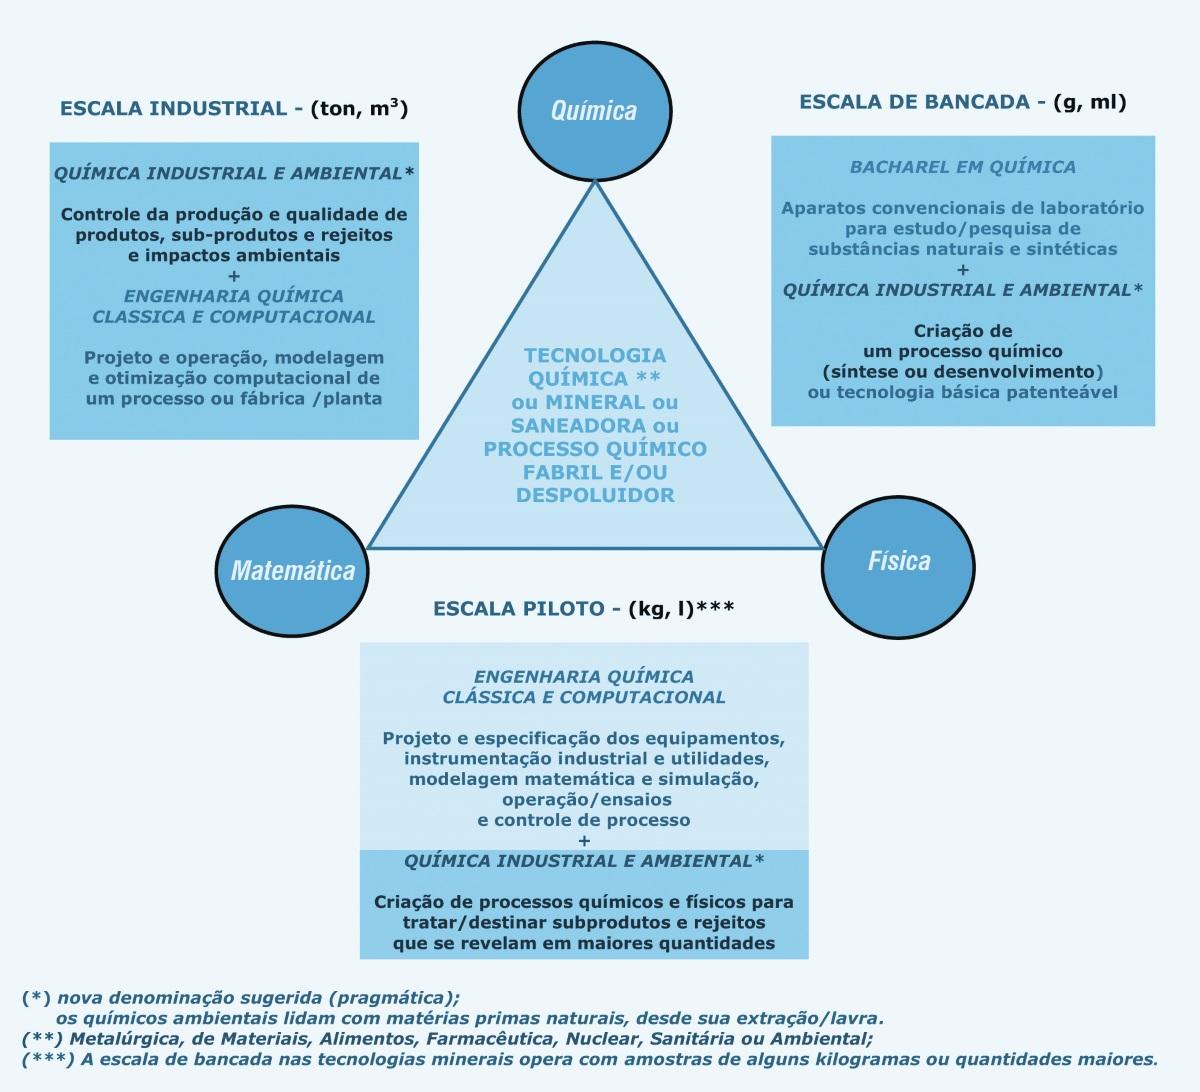 Química e Derivados - A importância estratégica dos químicos industriais e ambientais - Parte 2